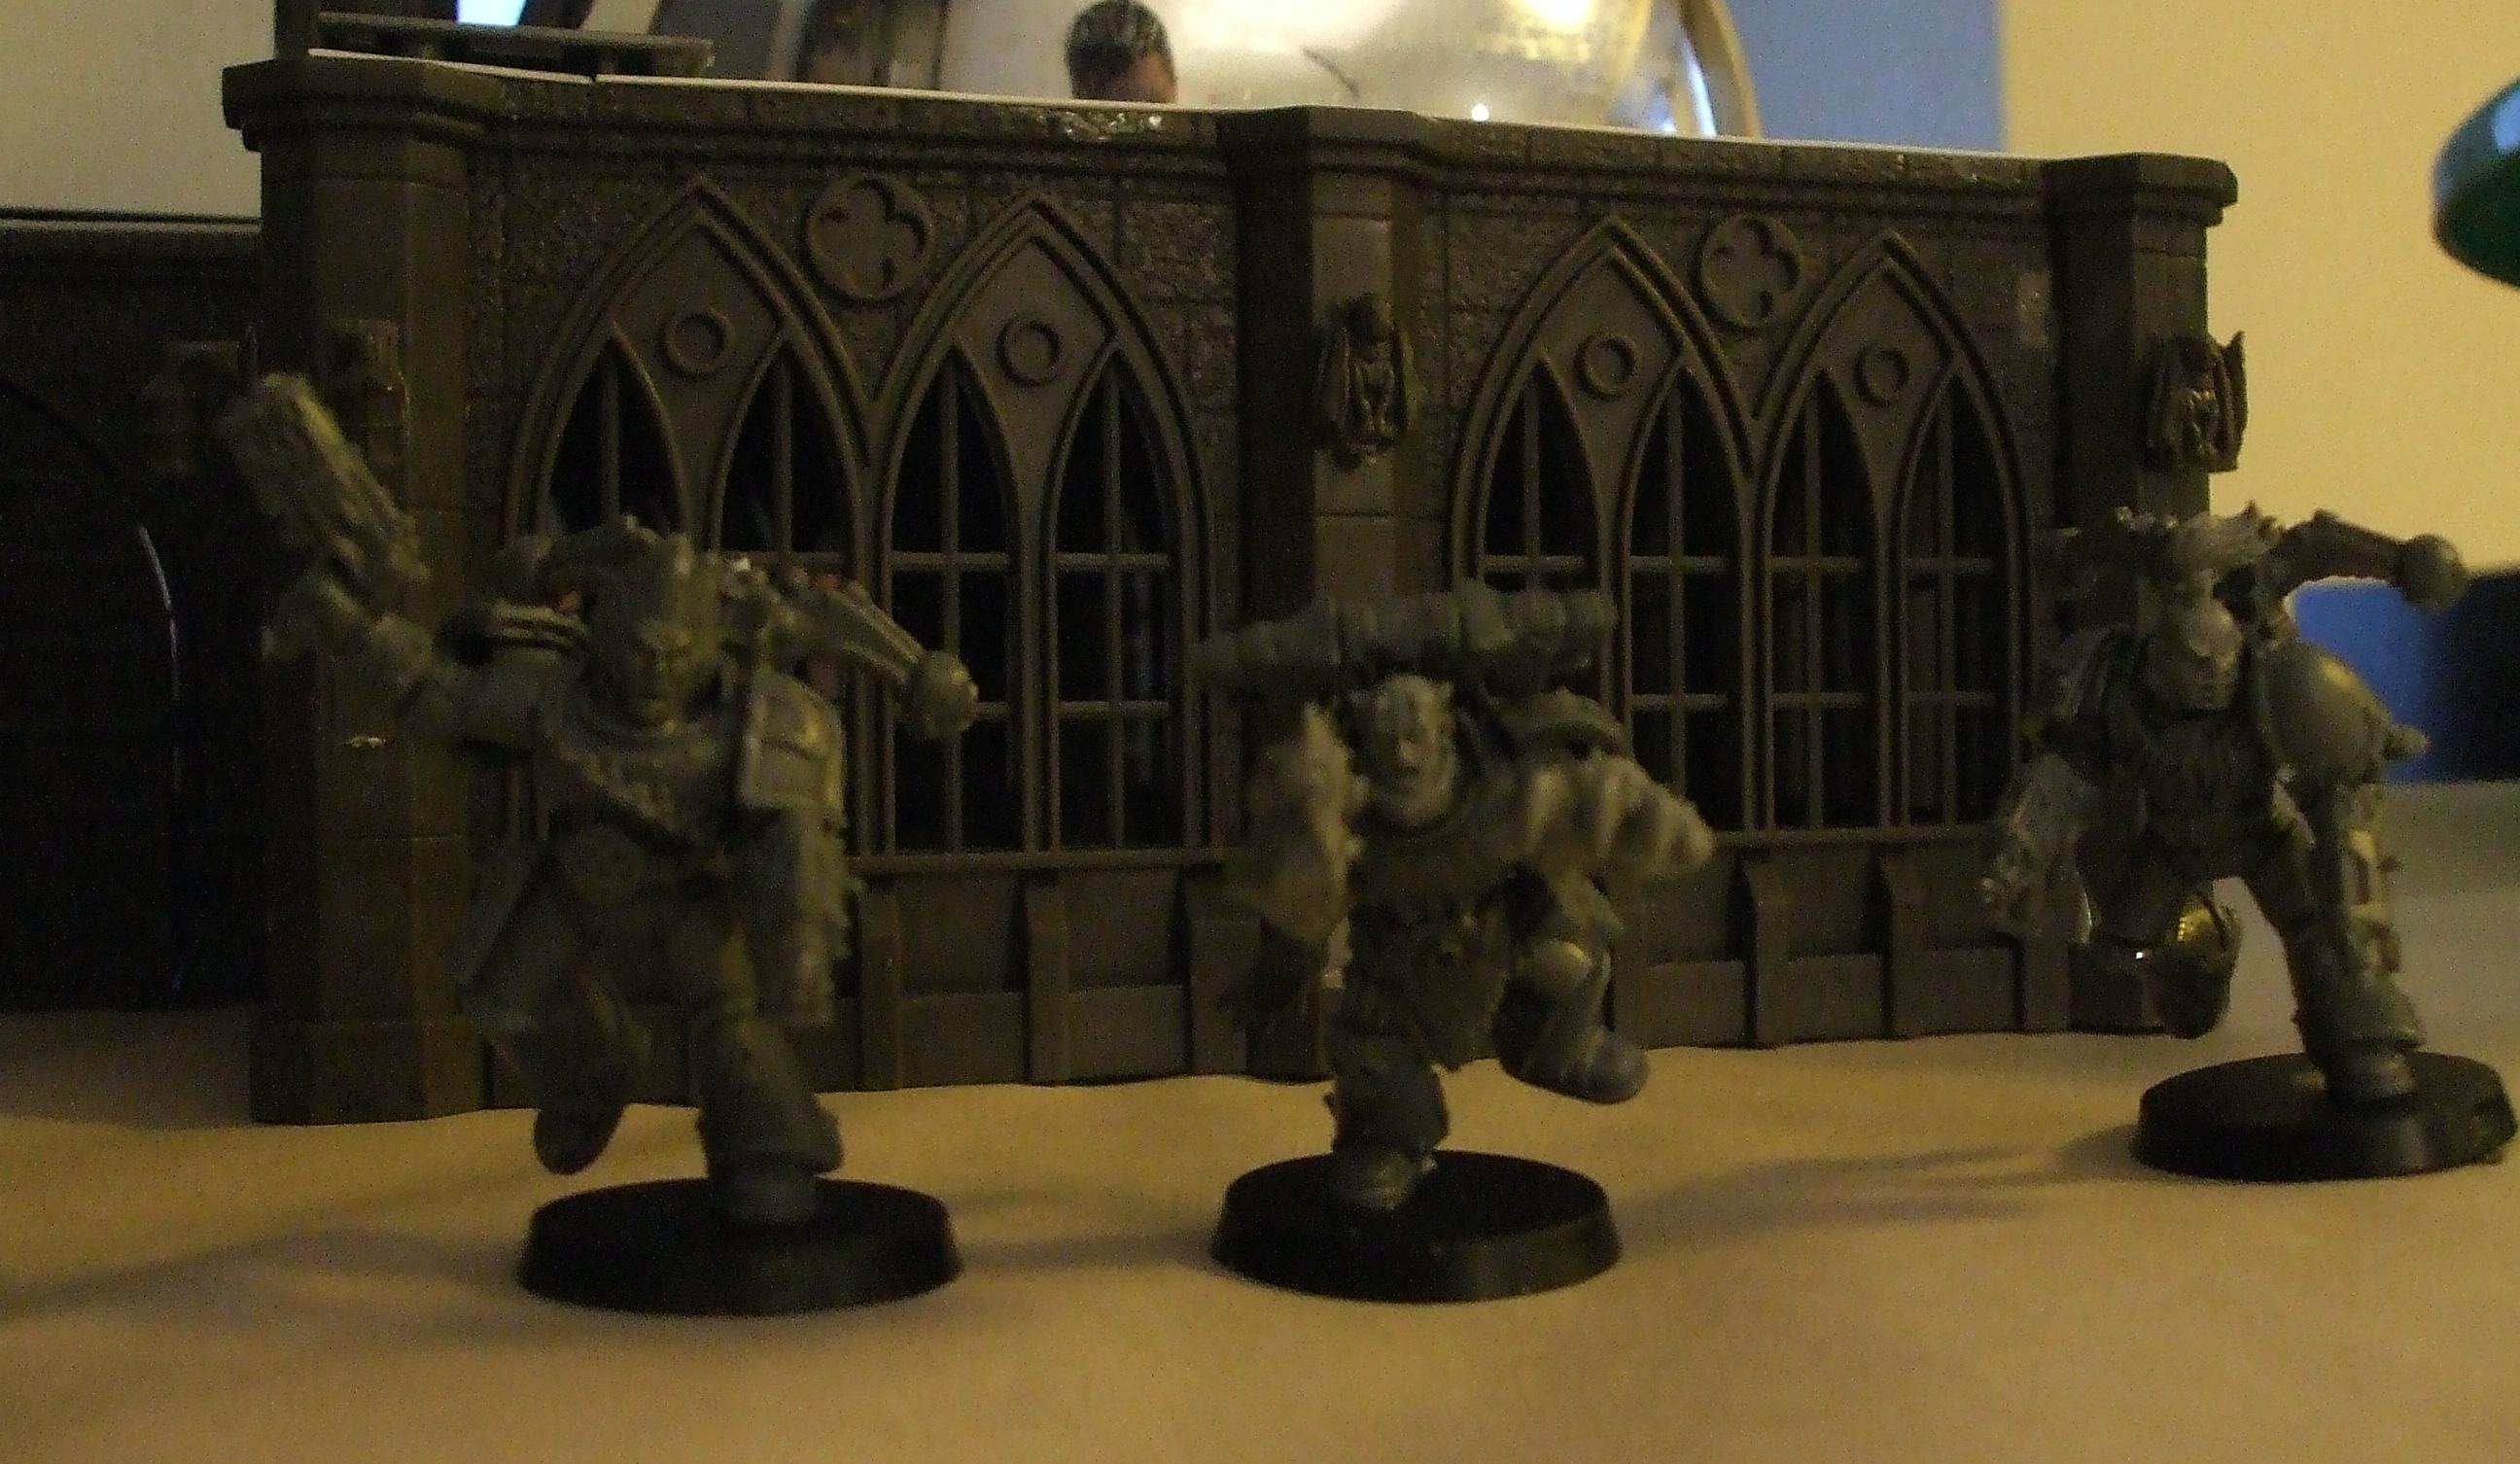 Berserkers, Chaos Space Marines, Warhammer 40,000, Work In Progress